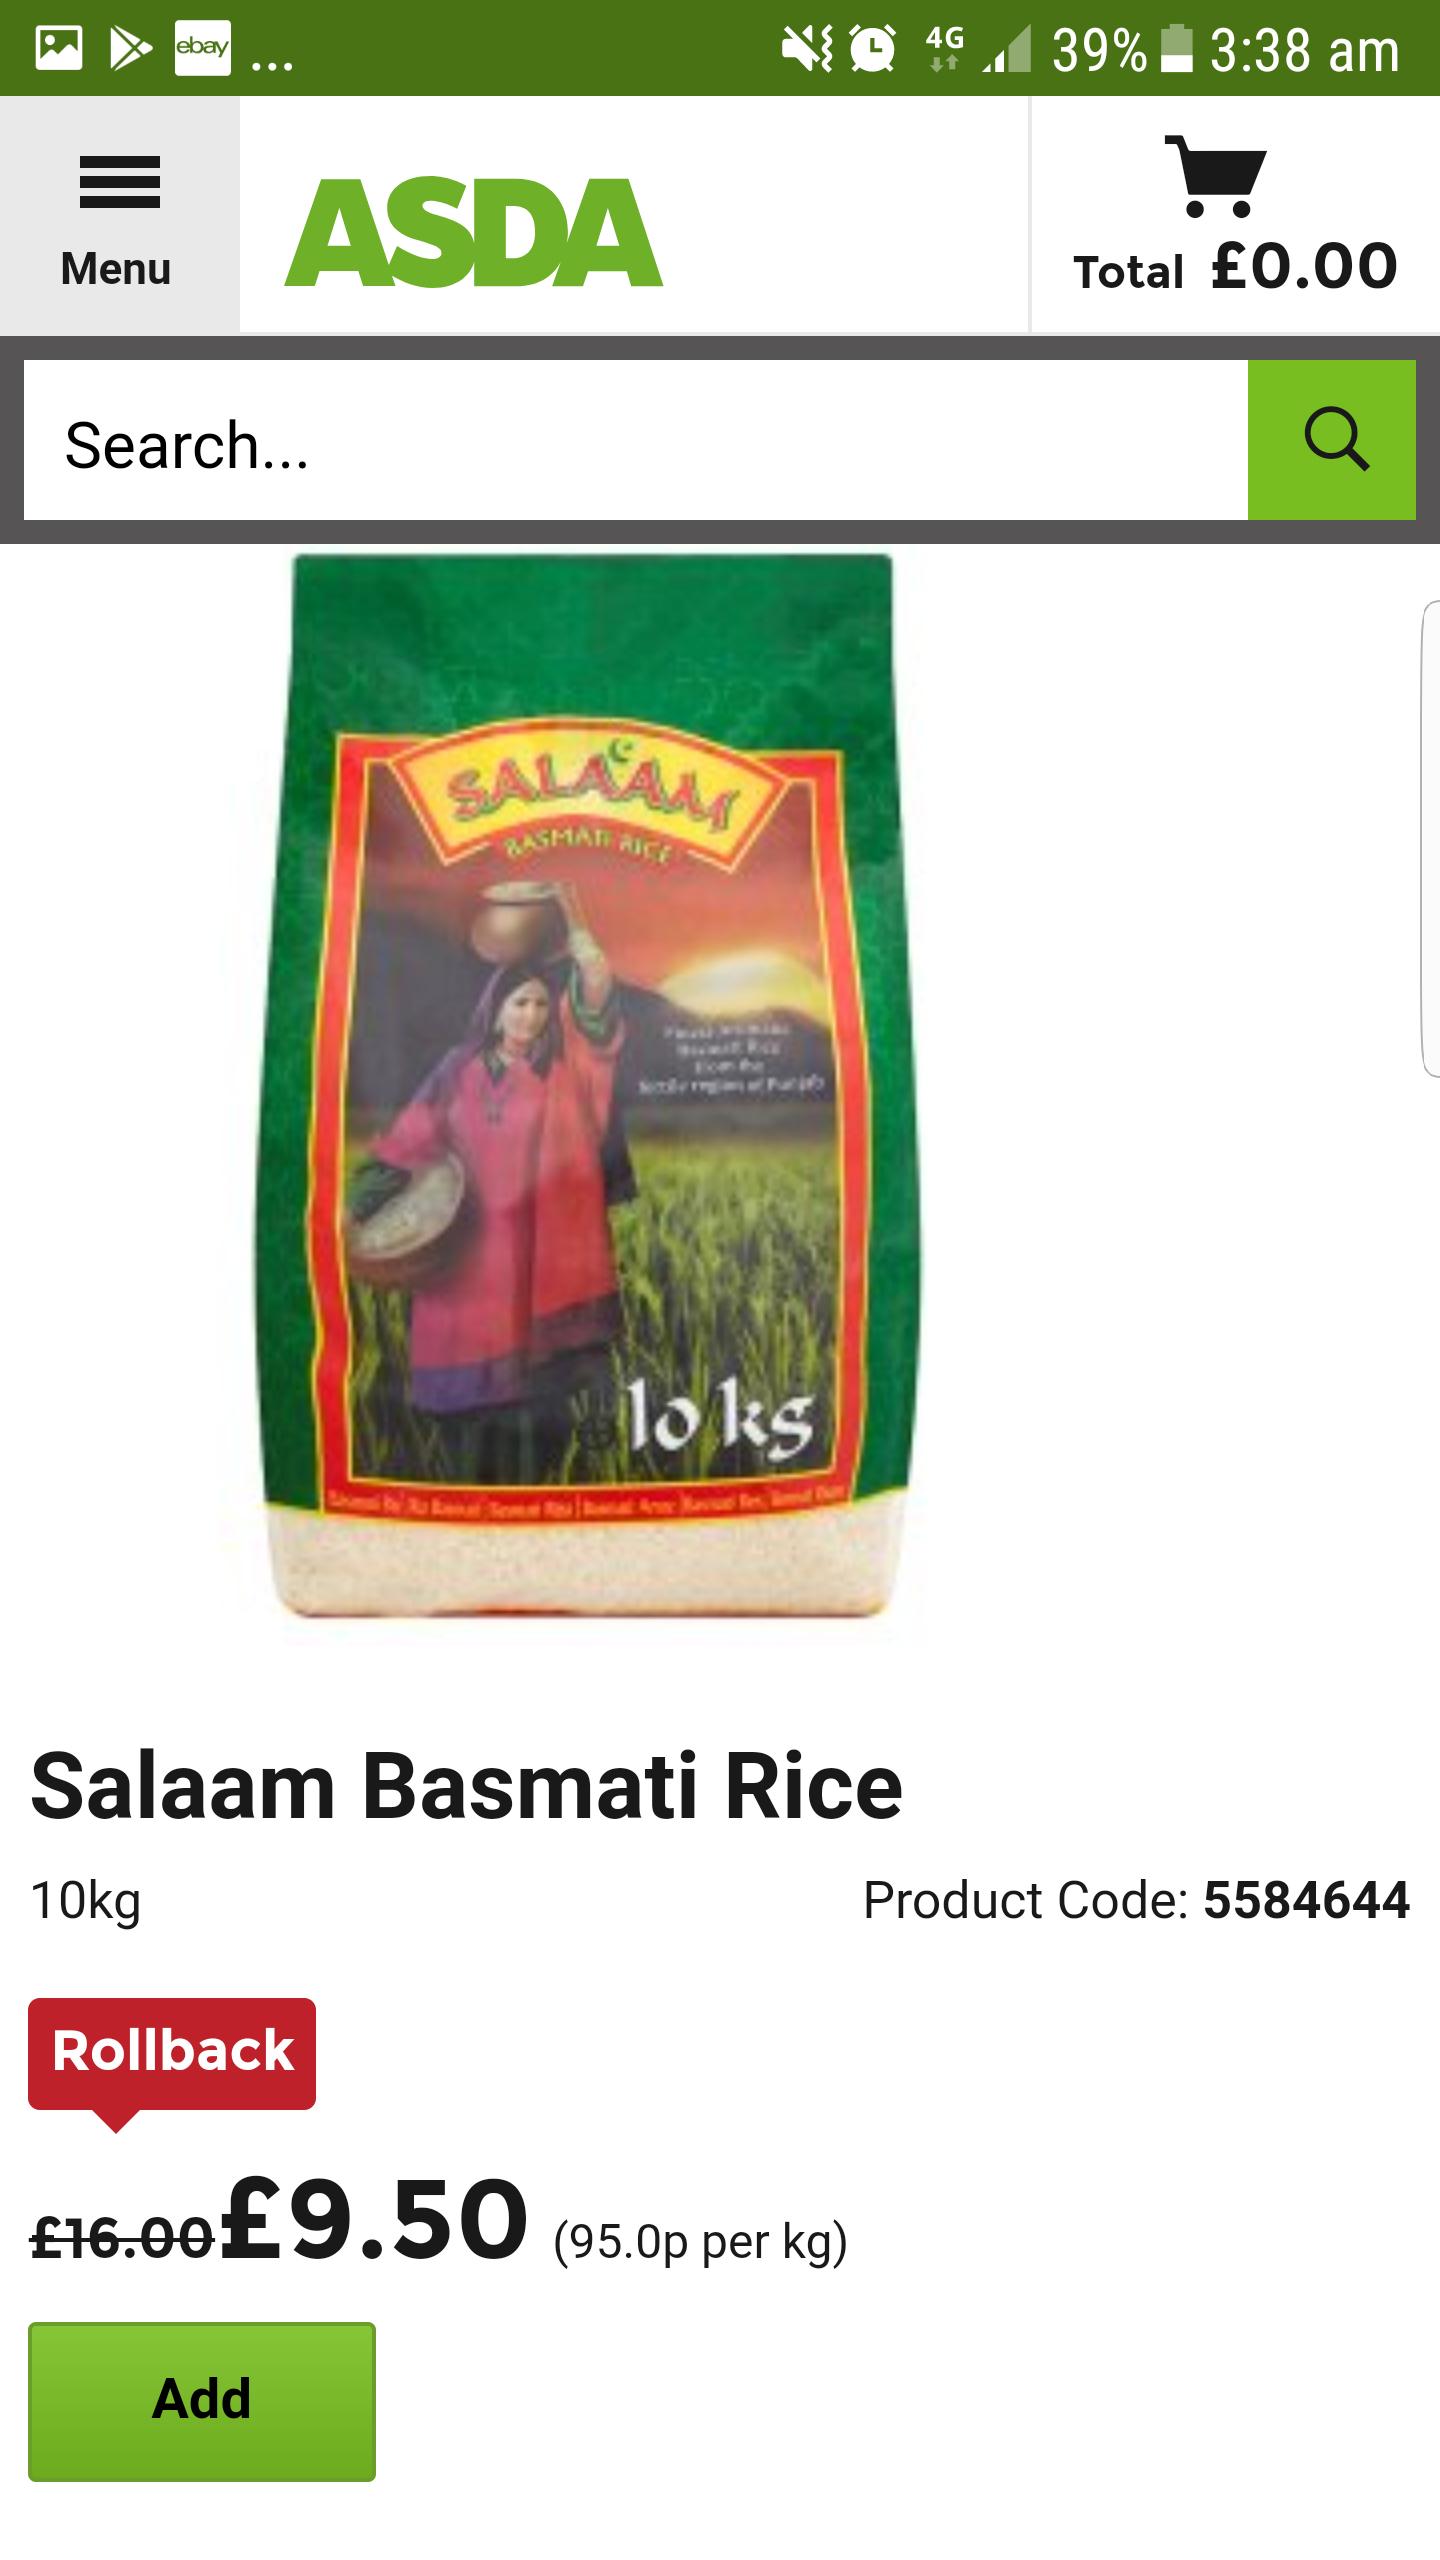 Salaam Basmati rice 10kg - £9.50 @ ASDA